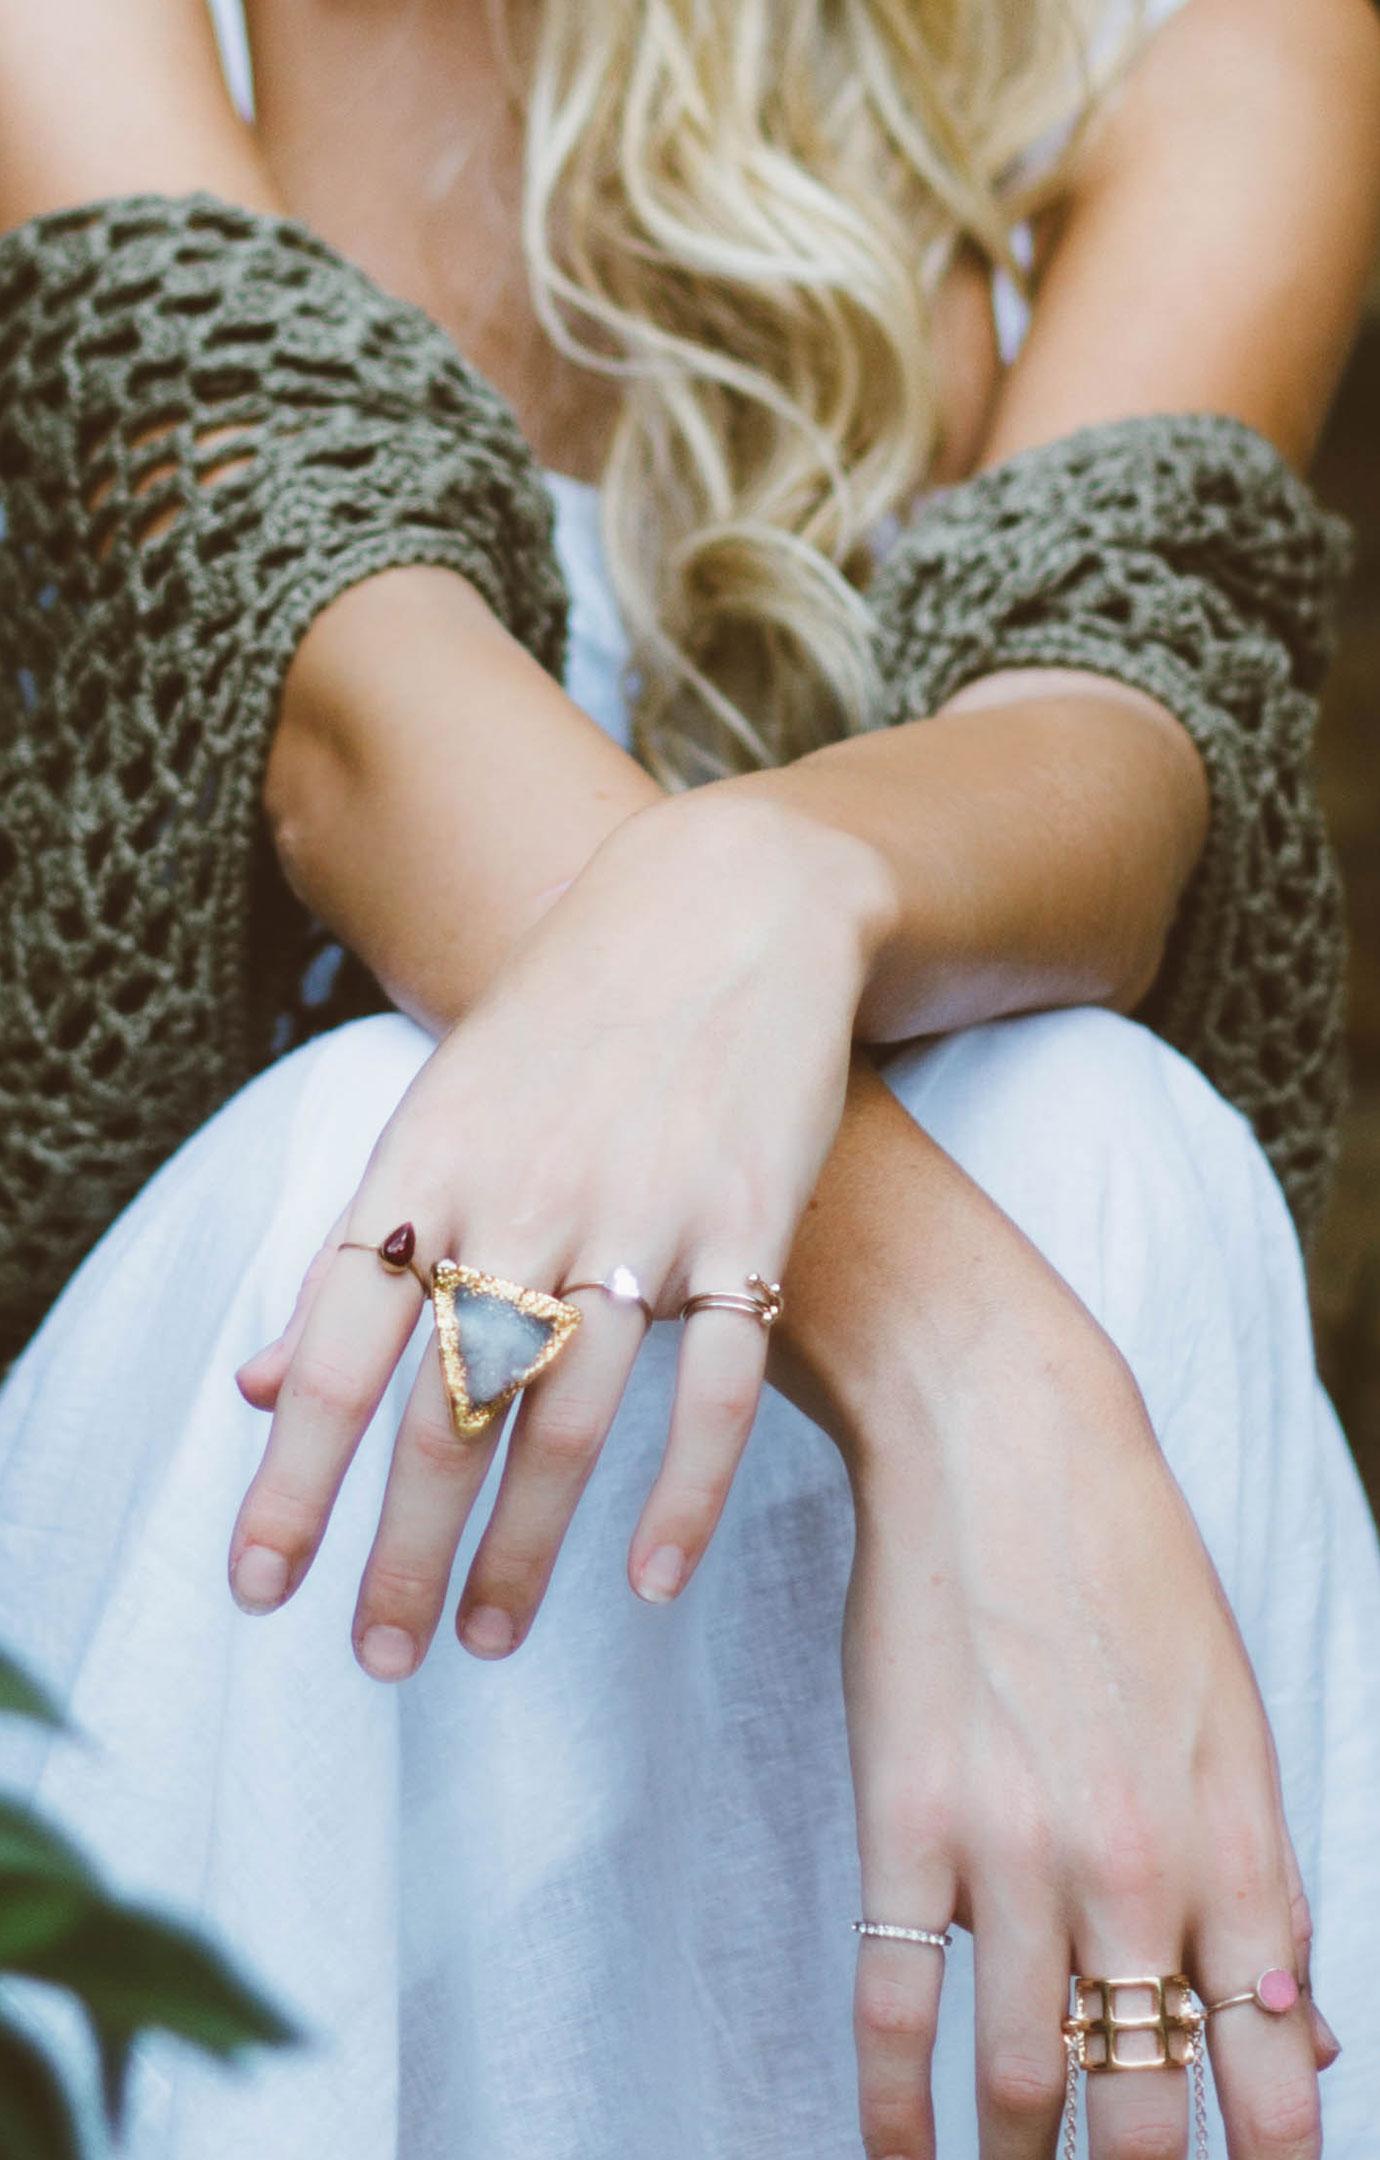 Modeschmuck Ringe Glanz & Gloria - eine Marke von Fashion Moments